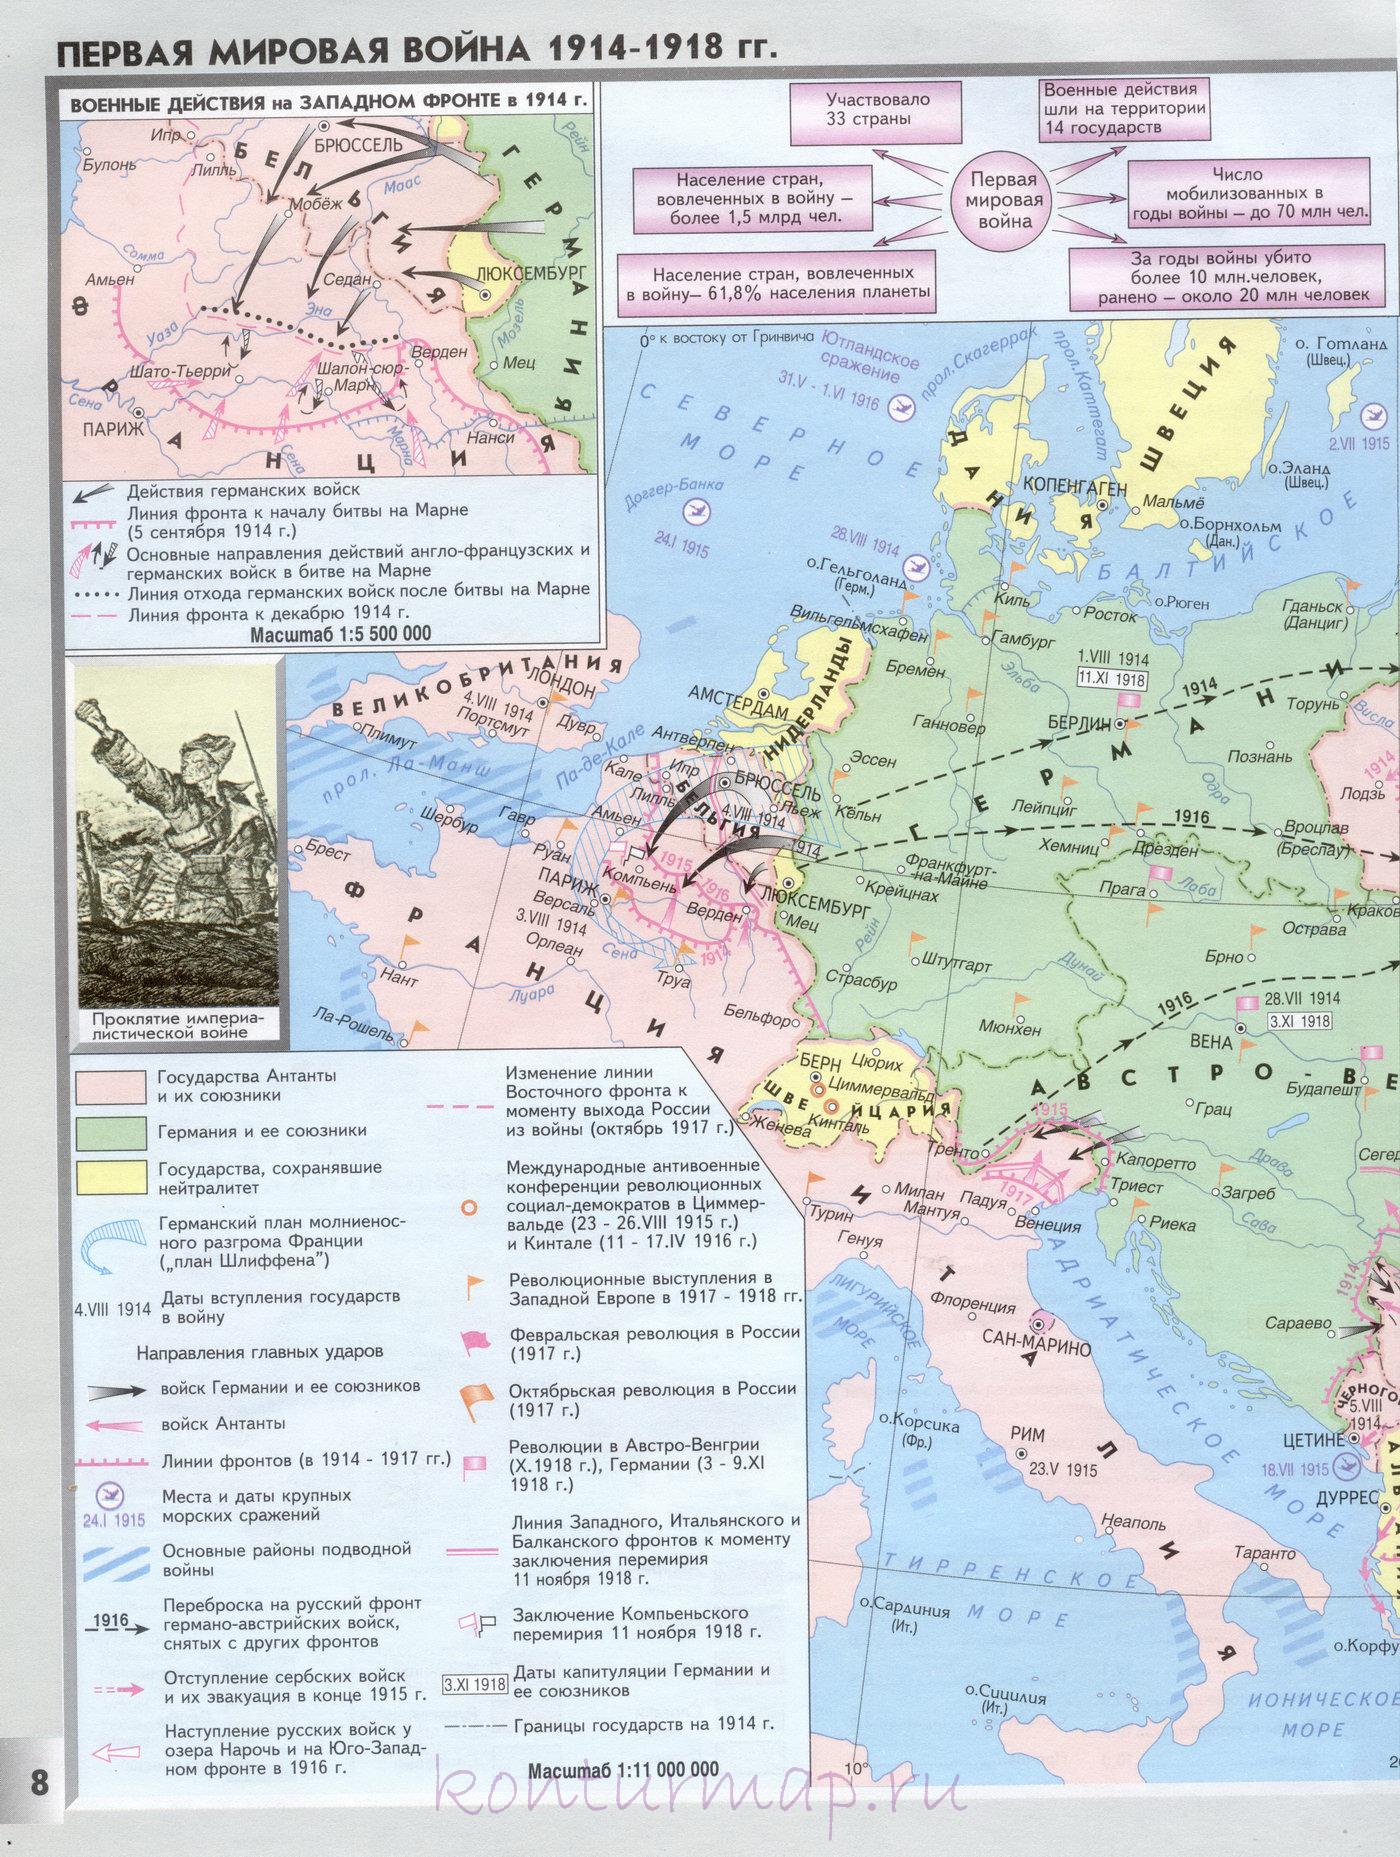 Контурные карты по истории новейшая история 9 класс скачать бесплатно онлайн